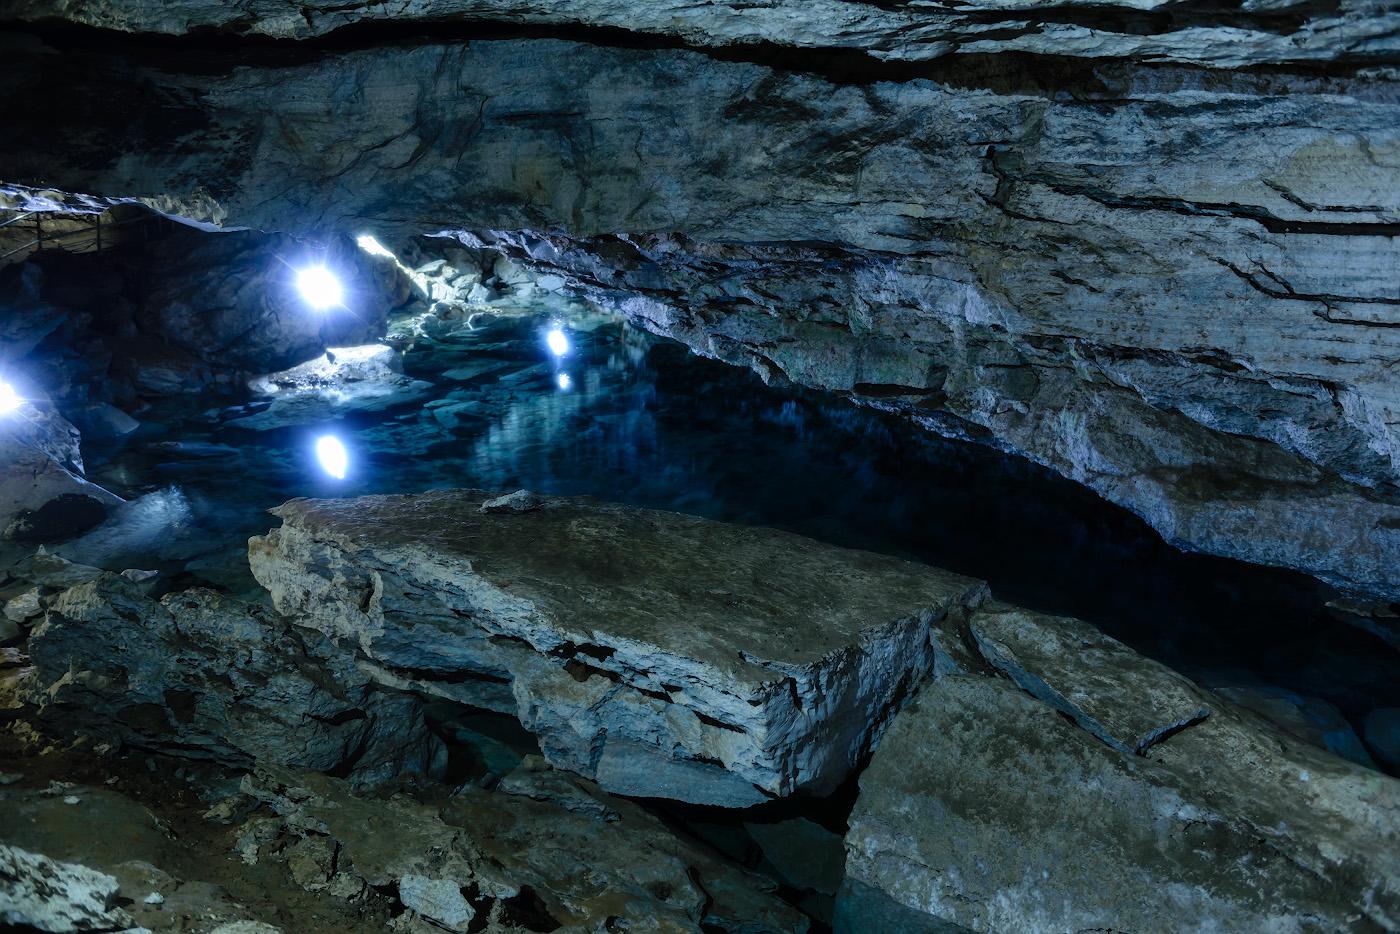 Фотография 13. Одно из подземных озер Кунгурской пещеры. Всего их здесь 70 штук. Отзывы туристов об экскурсии. ½, +1.33, 2.8, 400, 34.